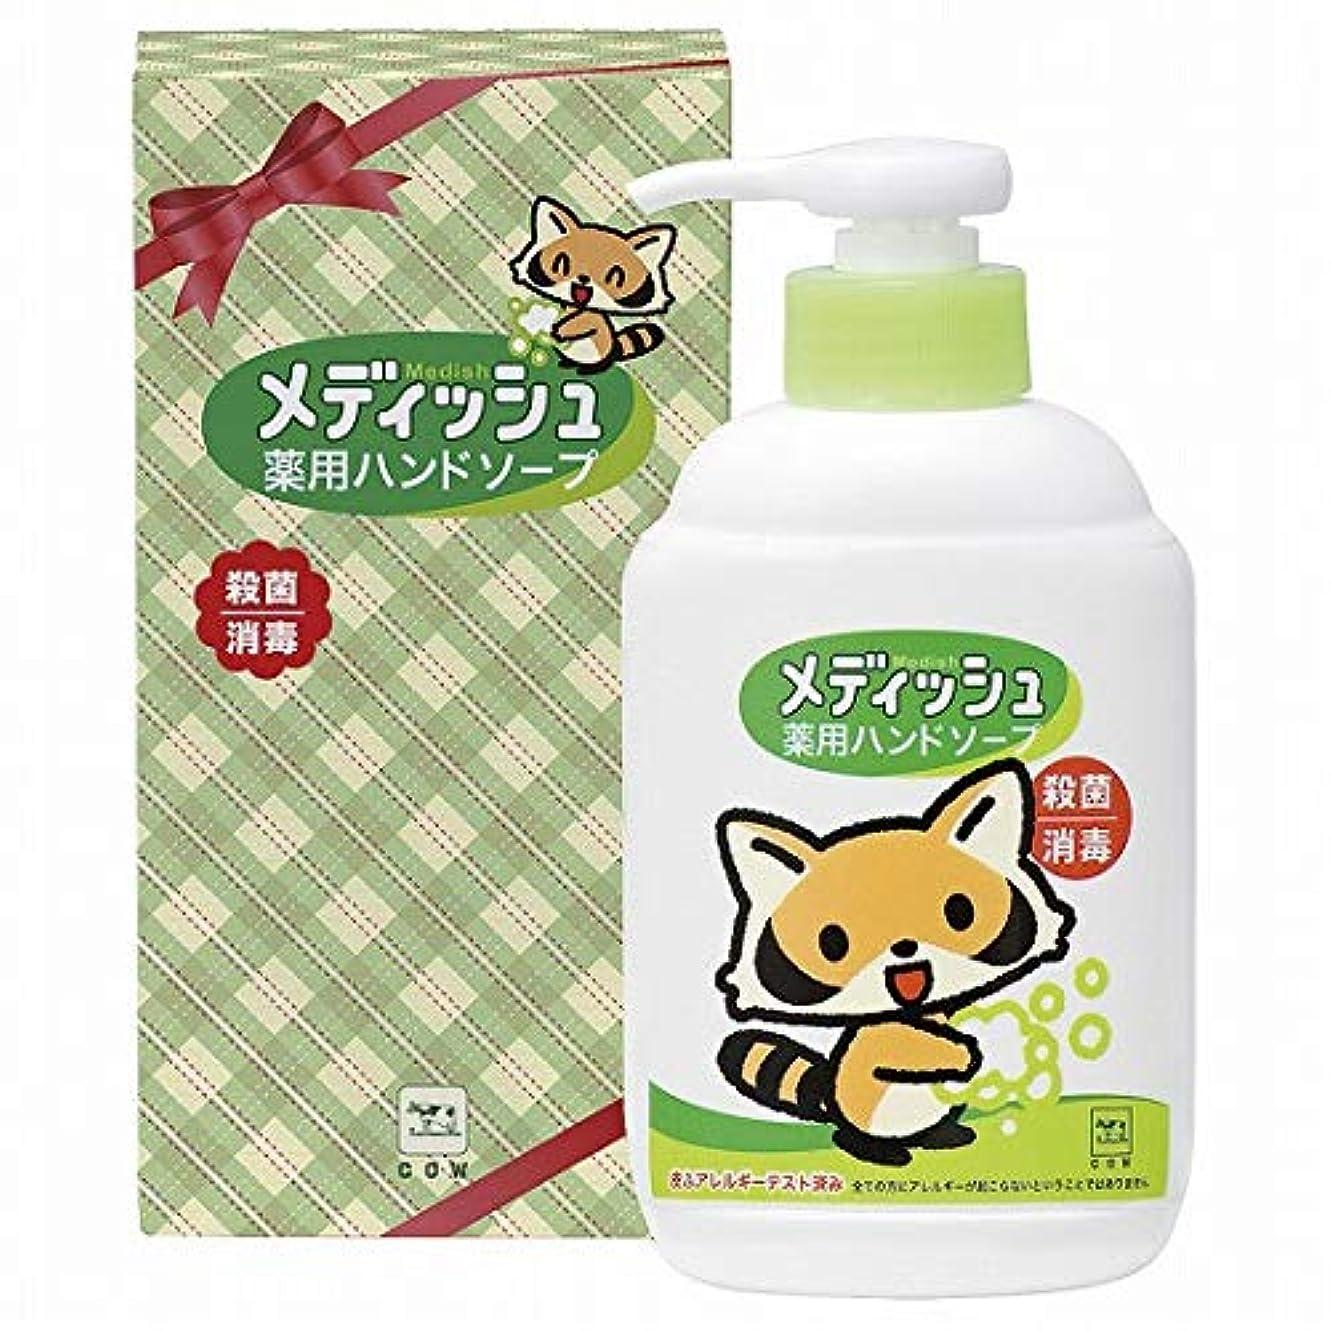 ヒギンズ翻訳する騒ぎ牛乳石鹸 メディッシュ 薬用ハンドソープ 250ml 箱入